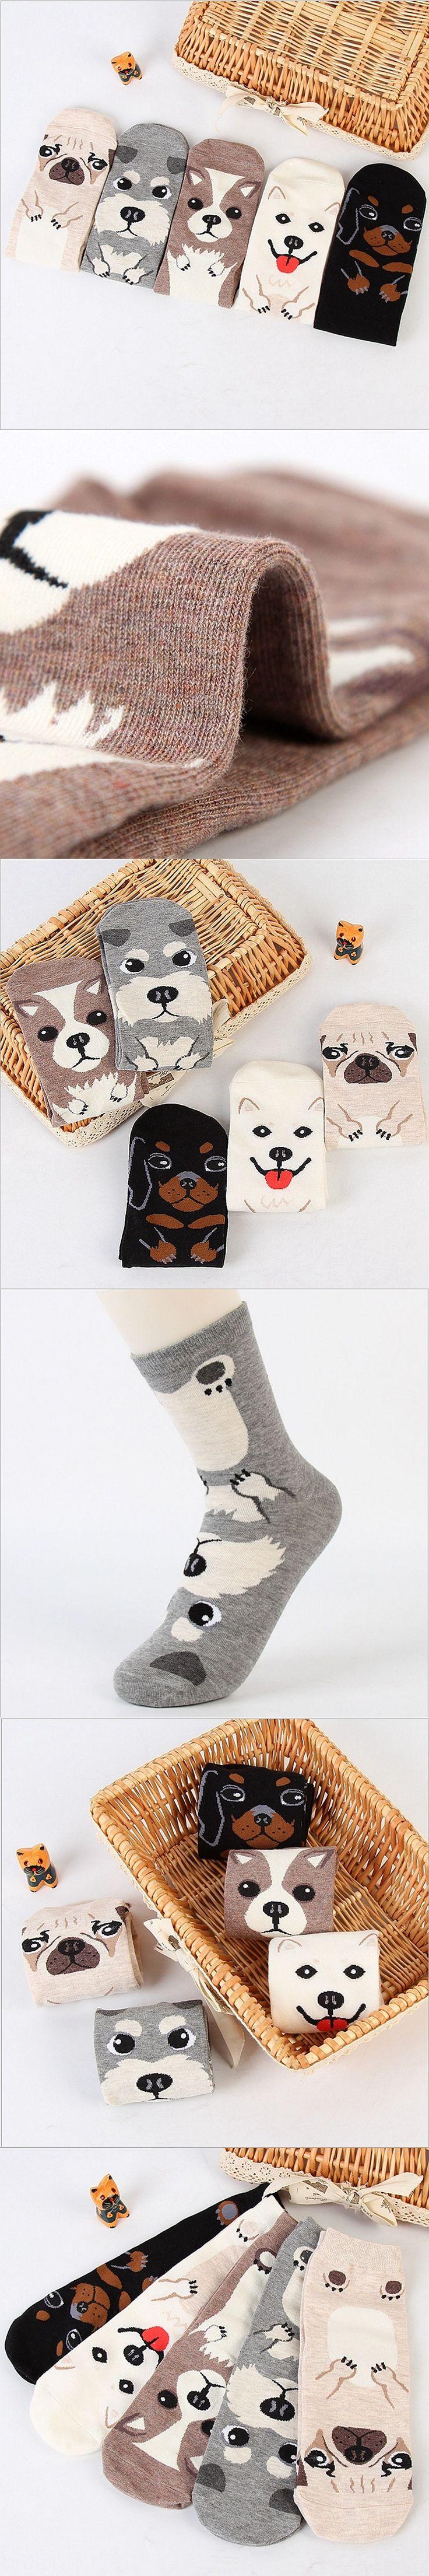 64 best ads socks images on Pinterest